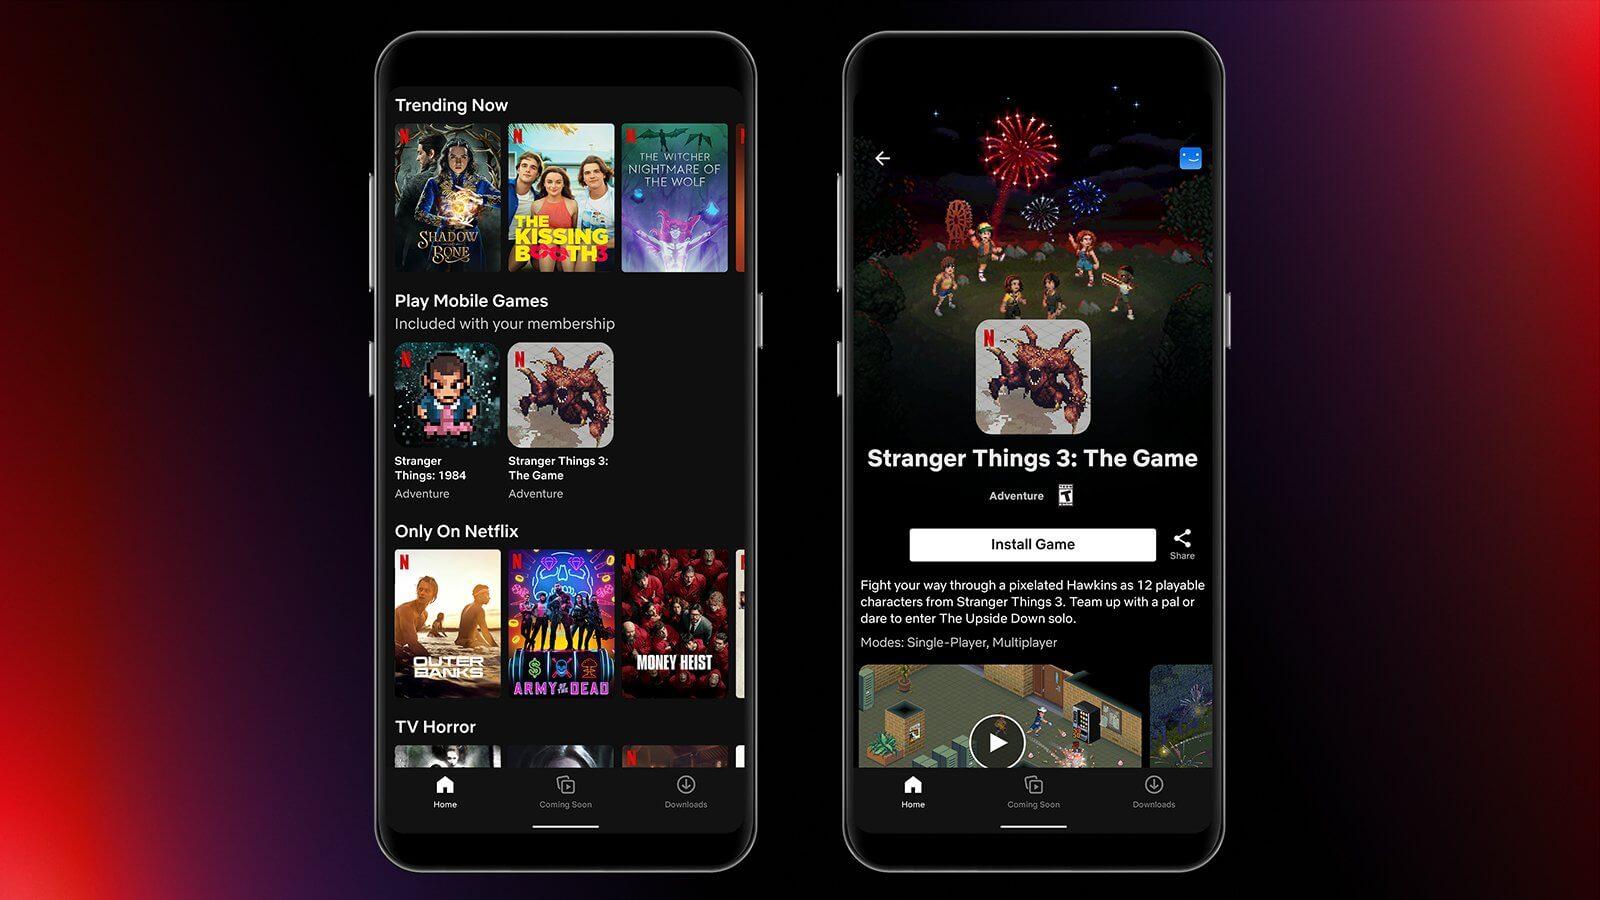 Netflix ya estrenó sus dos primeros juegos; están en fase de pruebas